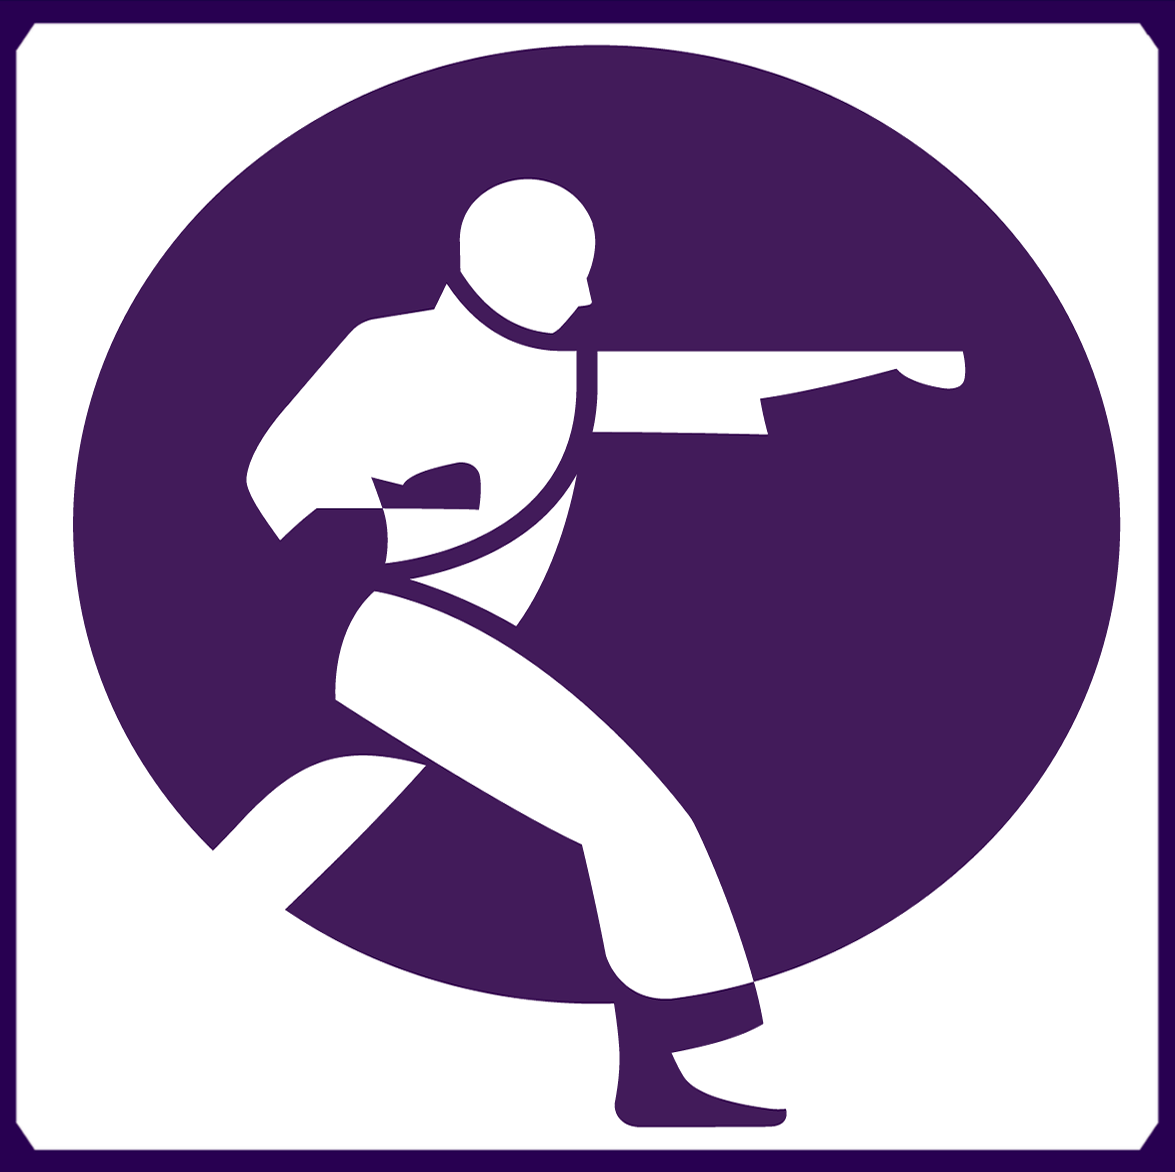 Silhouette_Karate_Large_BakuPurple